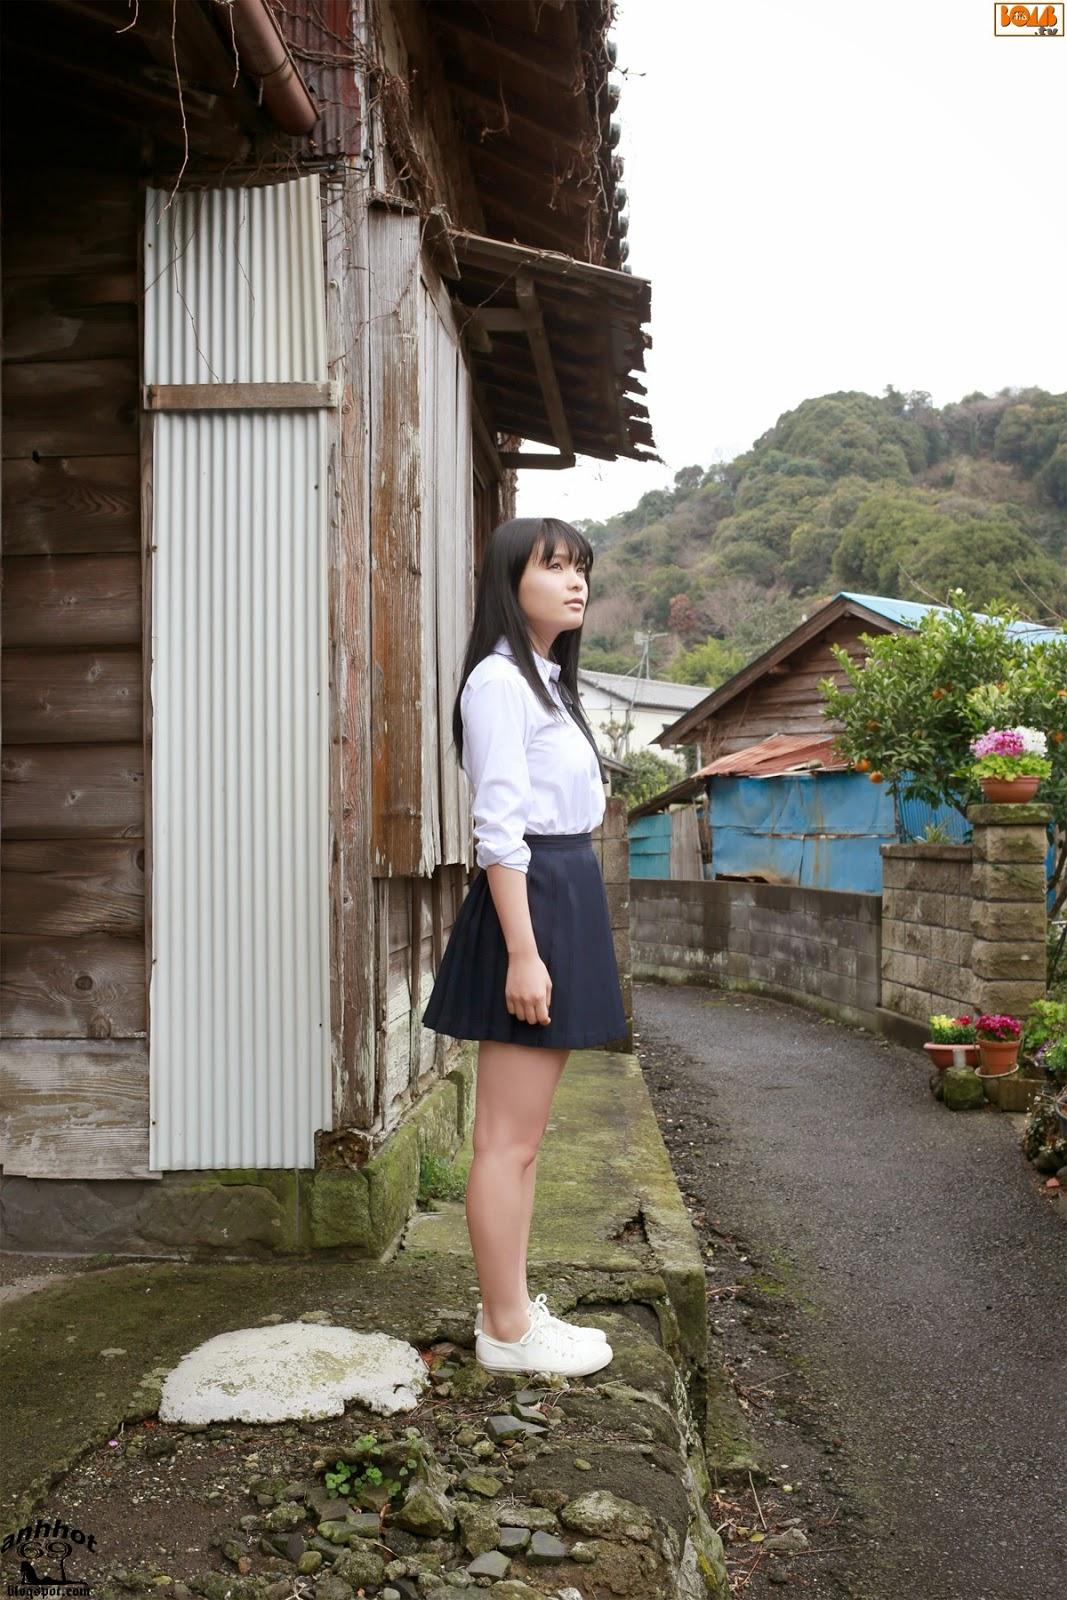 mizuki-hoshina-02127820